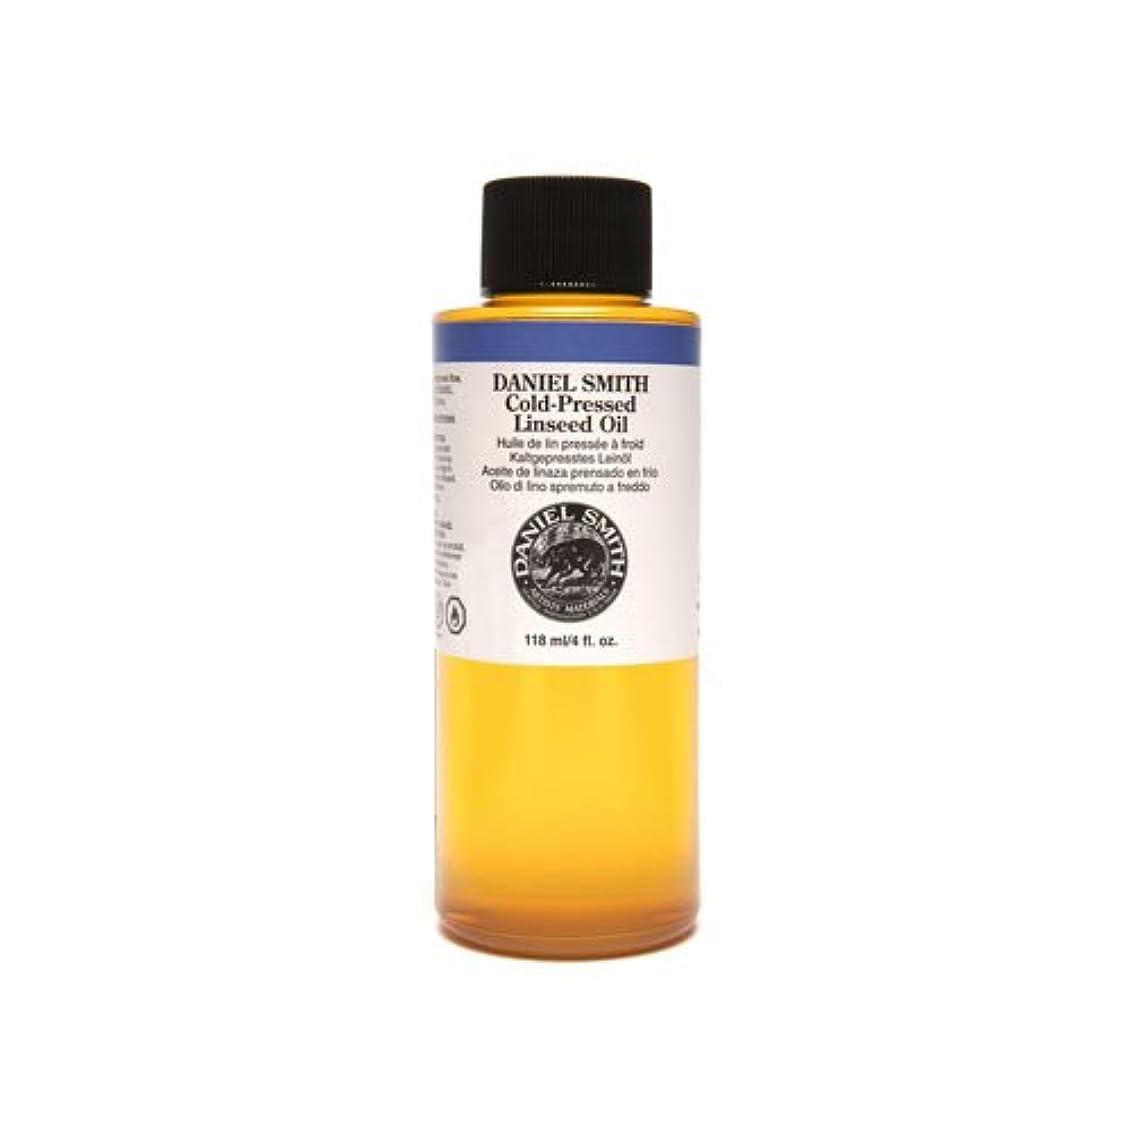 フォロー協会召喚するDaniel Smith 284470009 Original Oil, Cold-Pressed Linseed Oil, 120ml